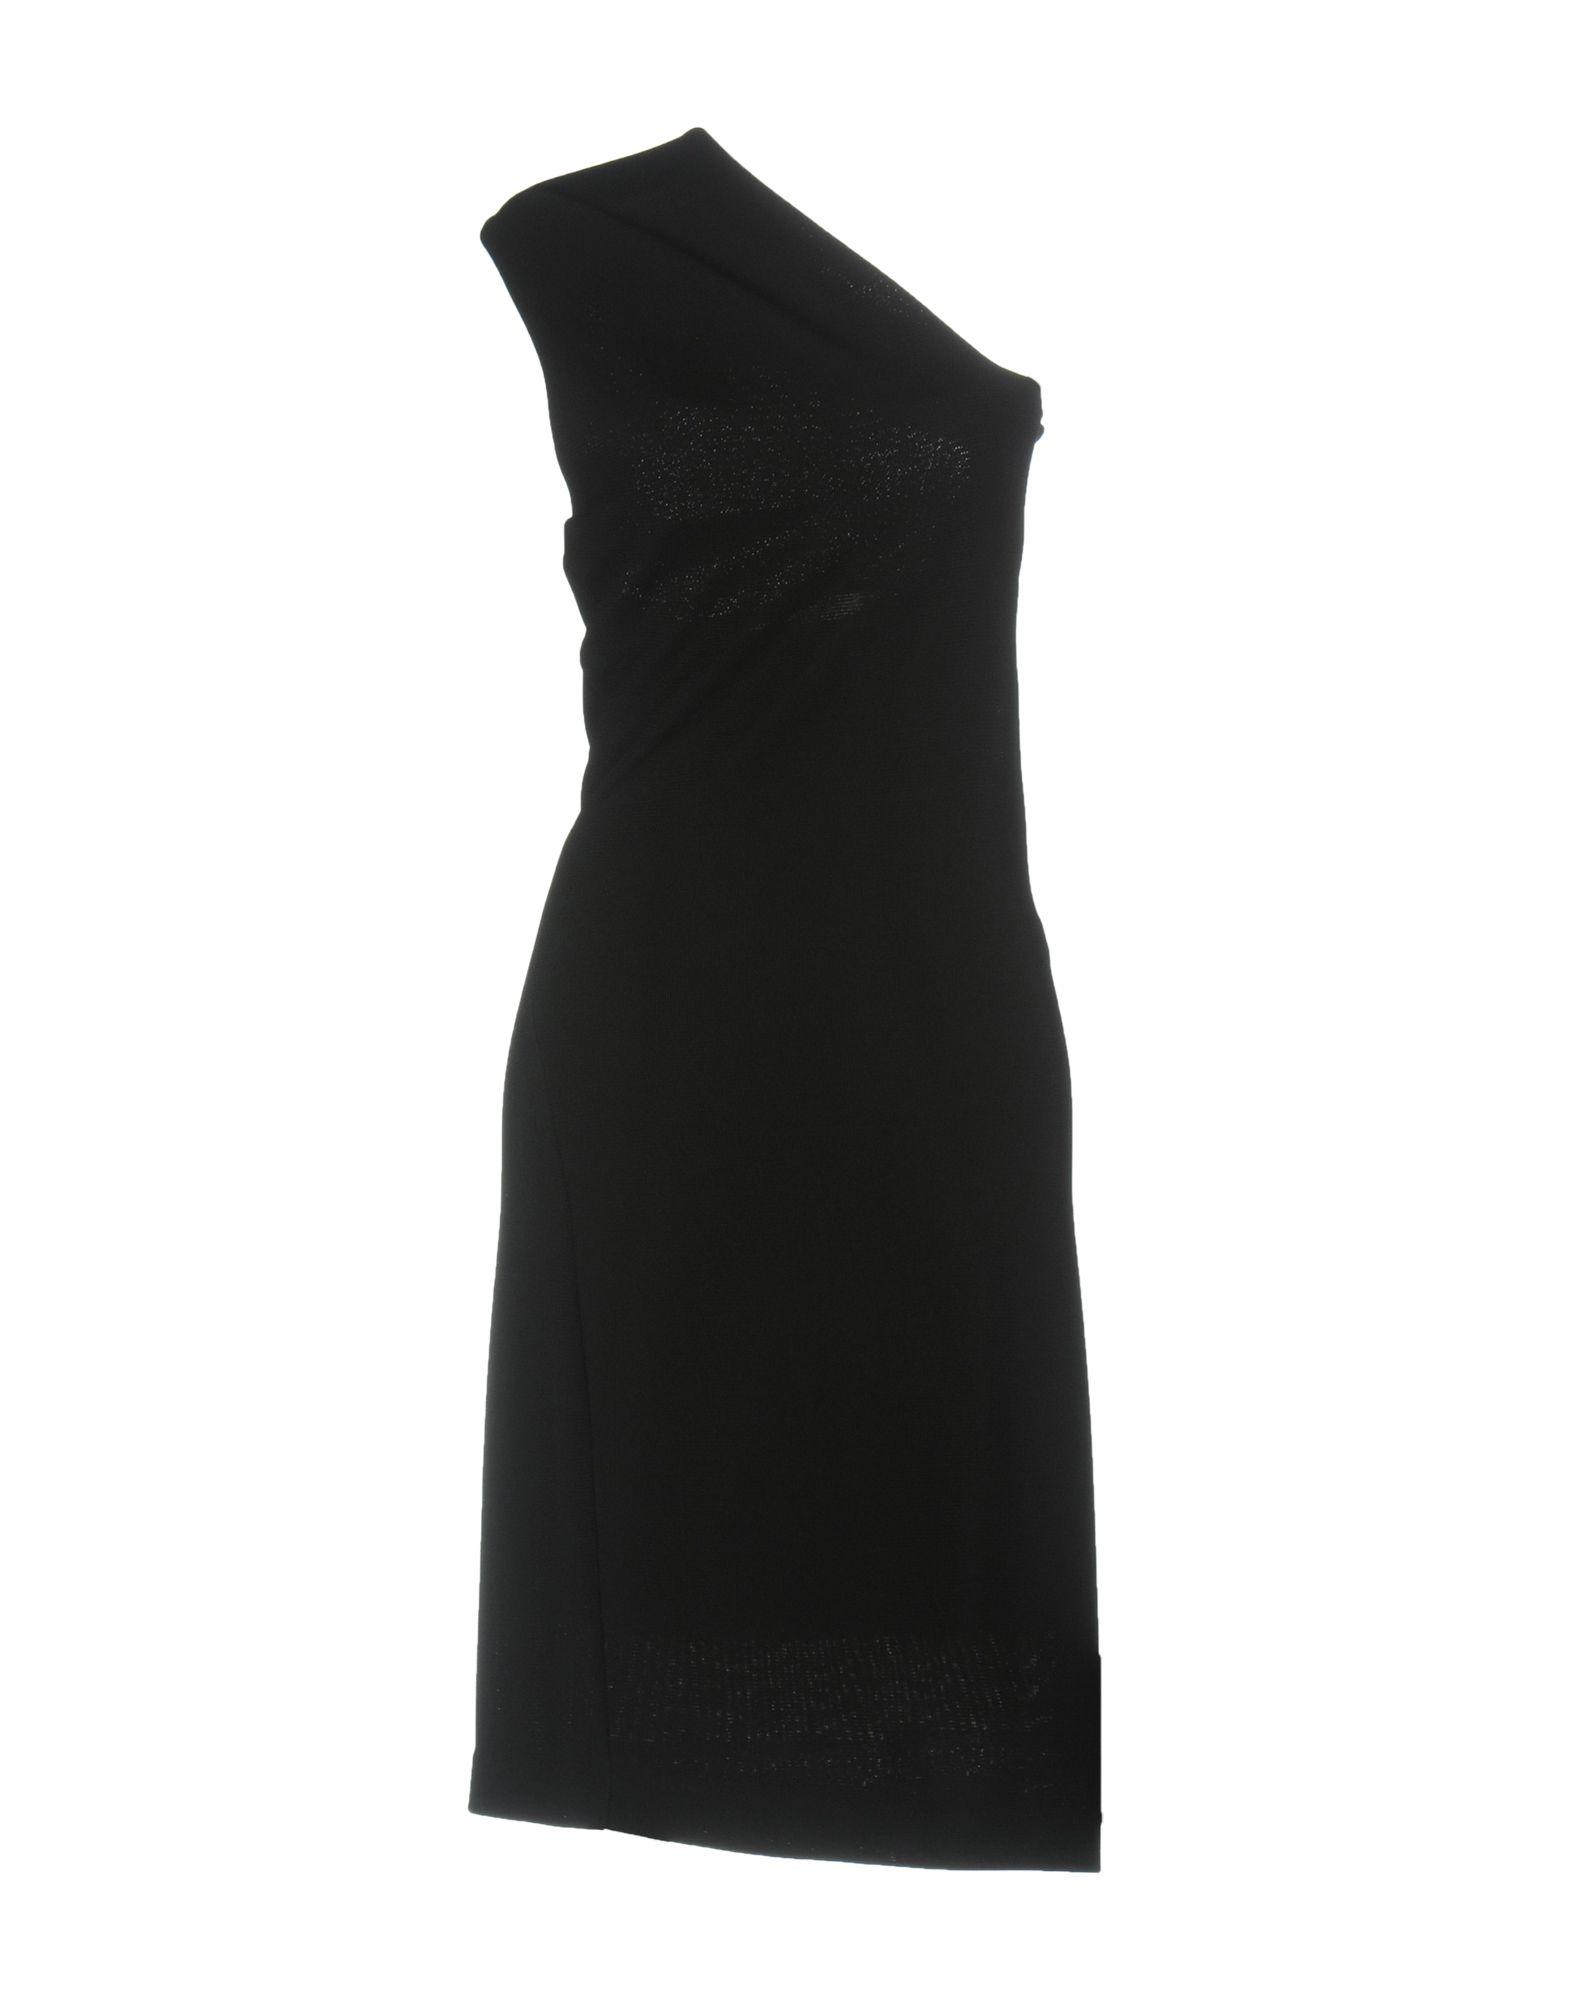 DSQUARED2 Damen Kurzes Kleid Farbe Schwarz Größe 6 jetztbilligerkaufen